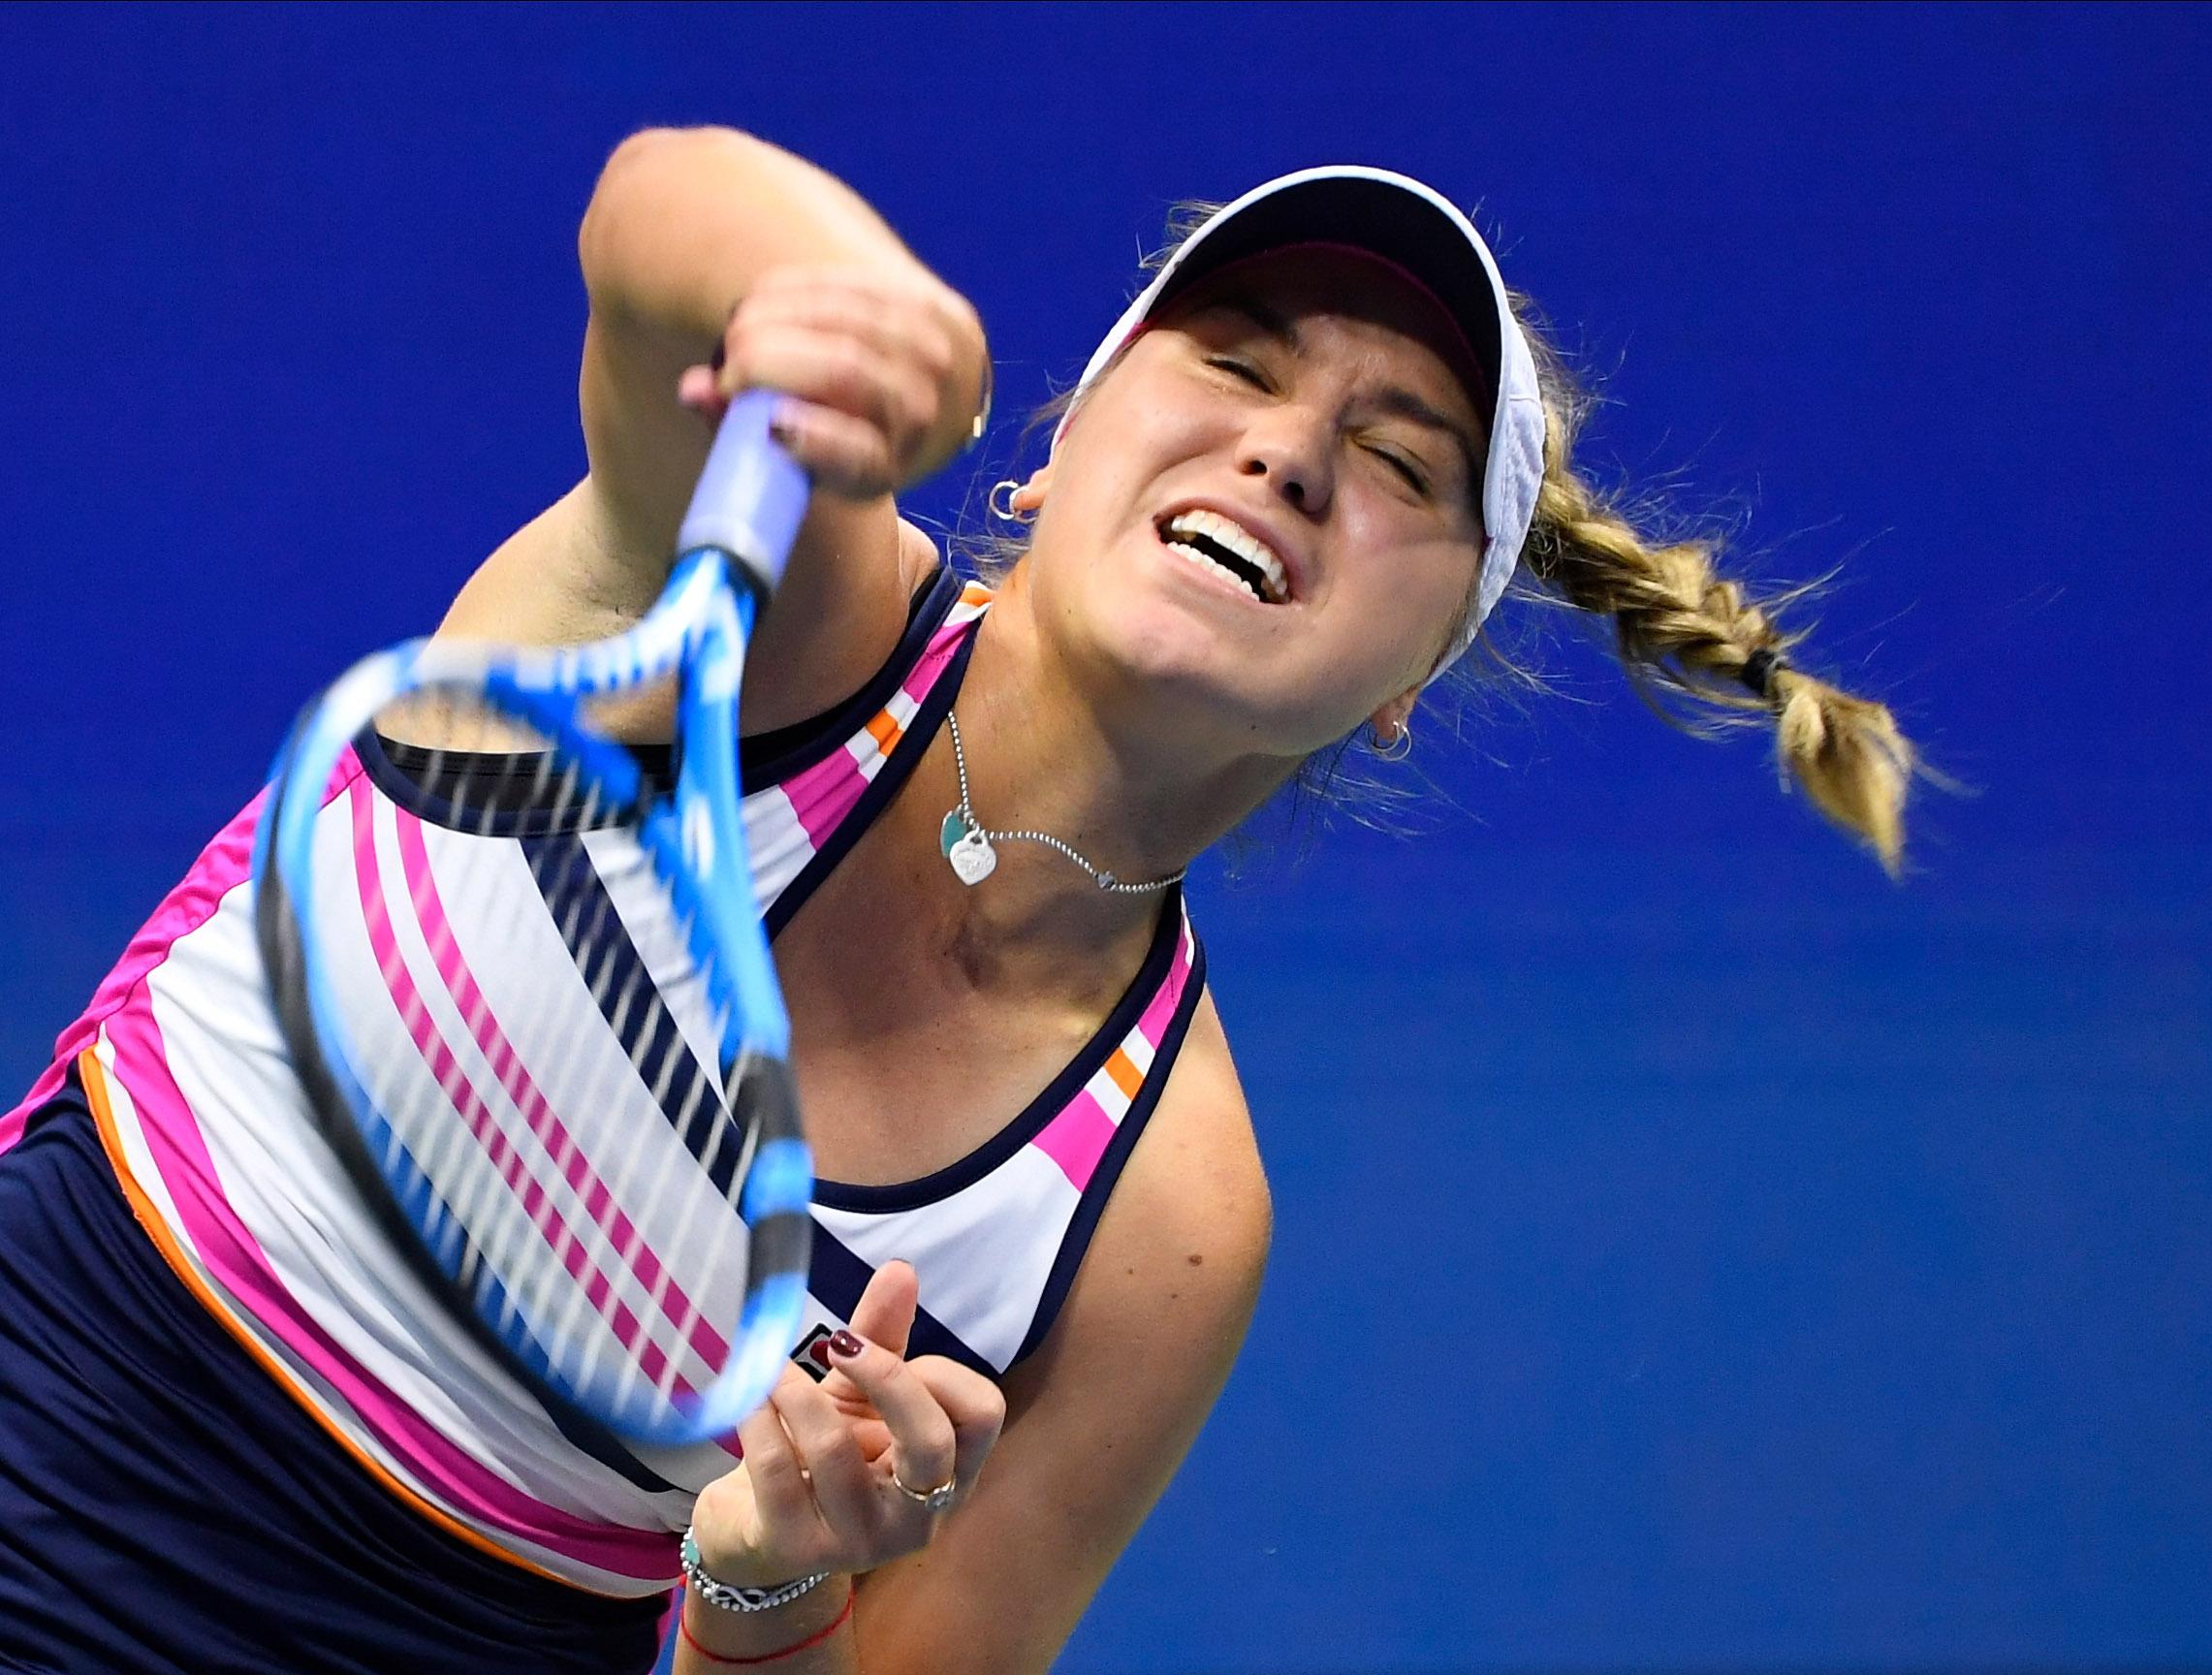 Sofia Kenin wins 2020 Australian Open